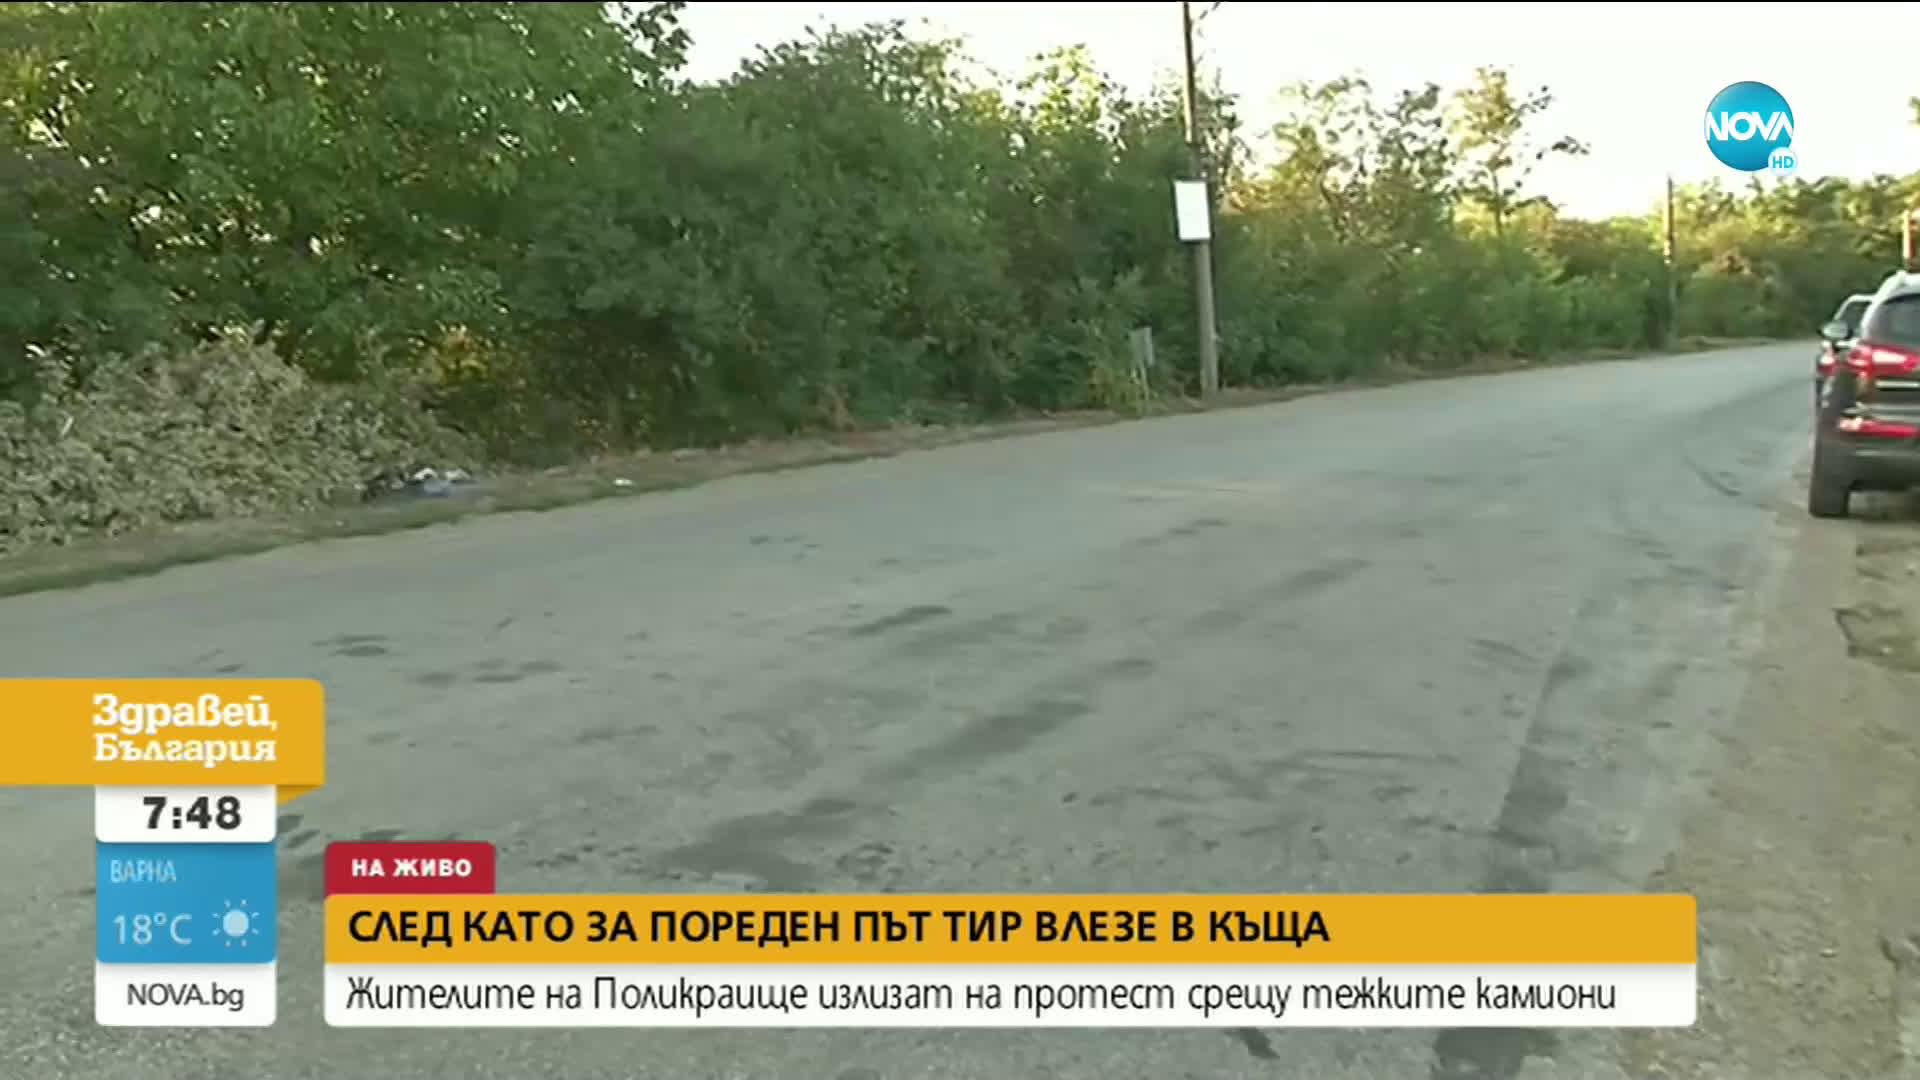 Протест в Поликраище, след като за пореден път ТИР влезе в къща